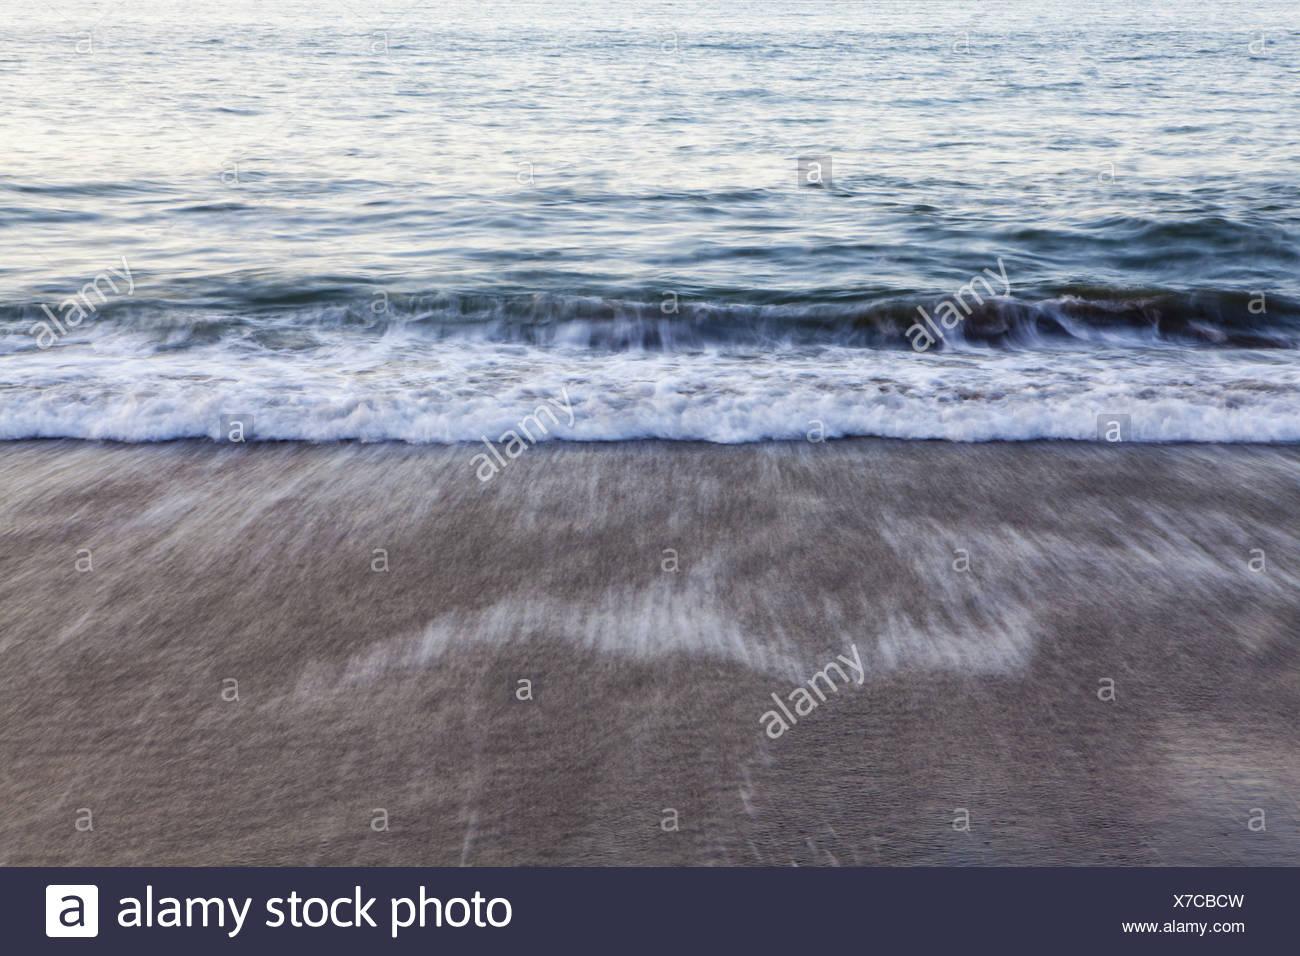 Washington USA Waves breaking on the shore at dusk - Stock Image